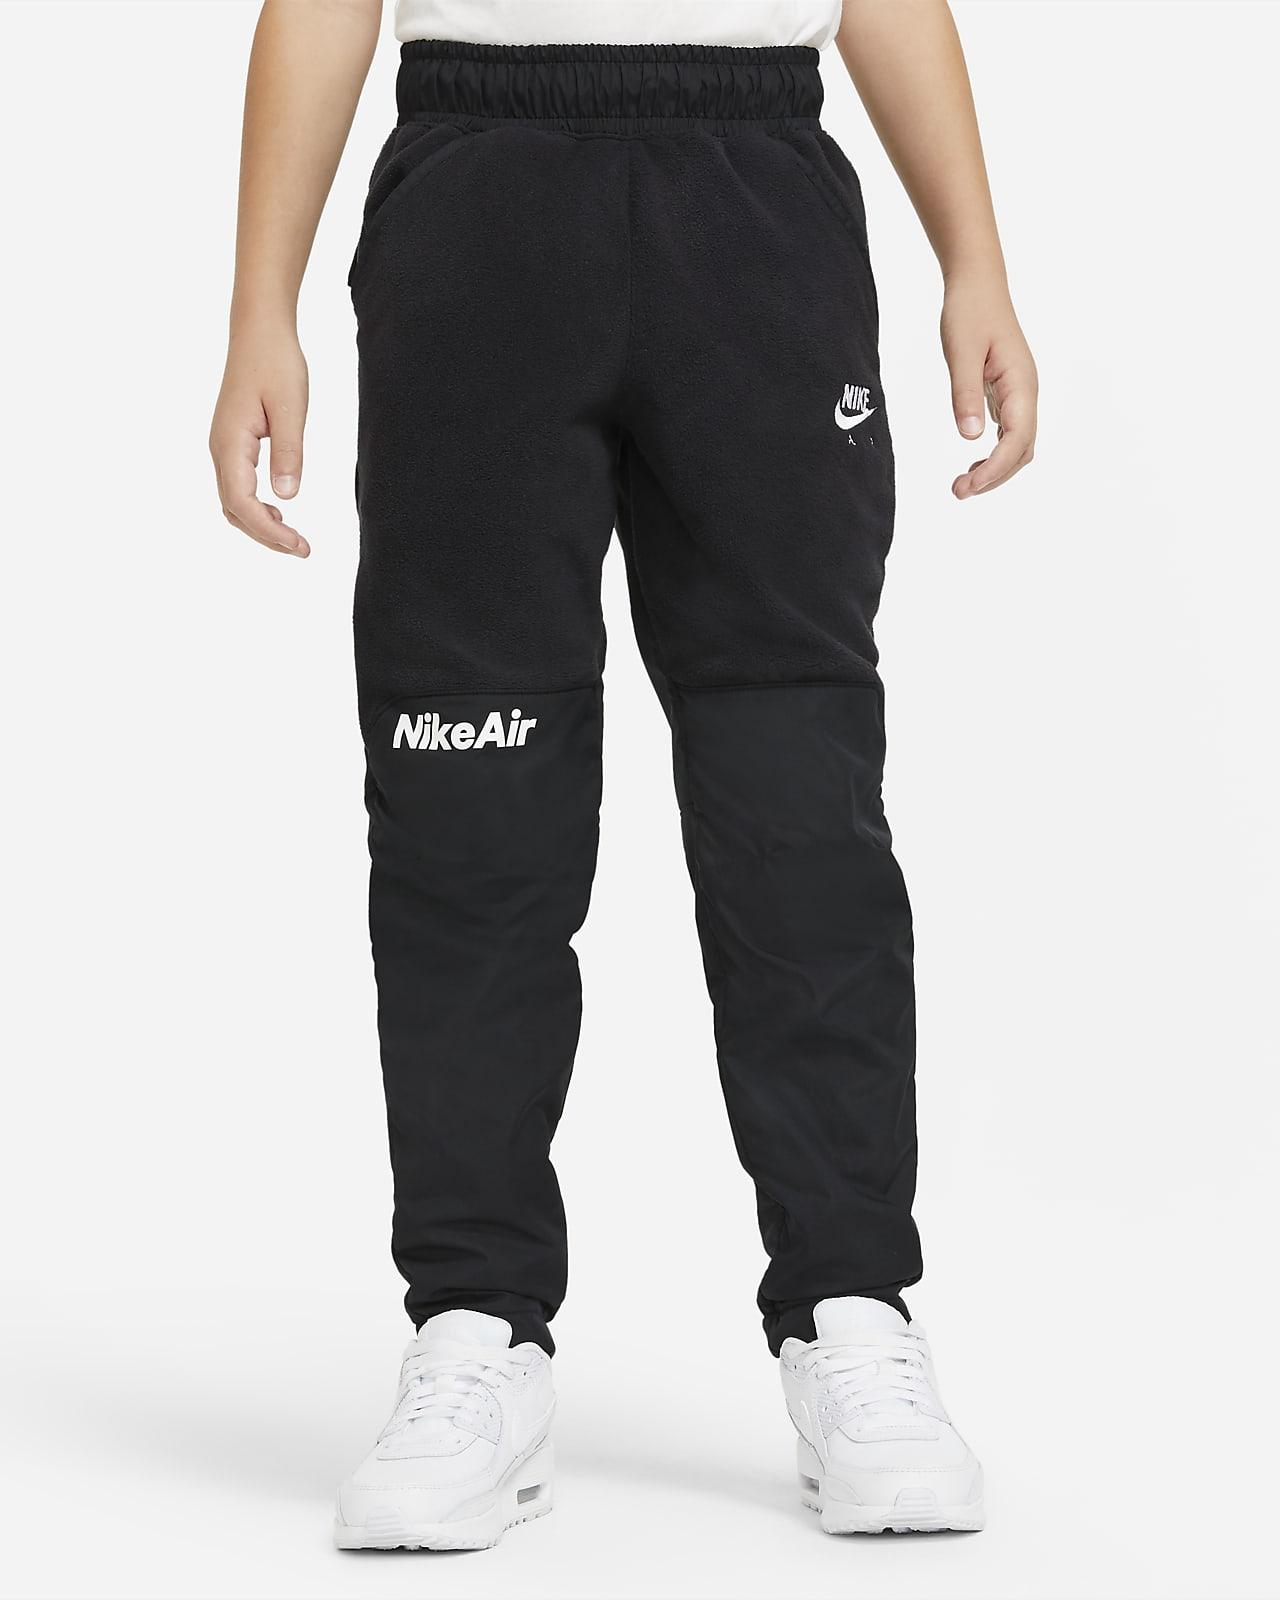 Nike Air Older Kids' (Boys') Winterized Trousers